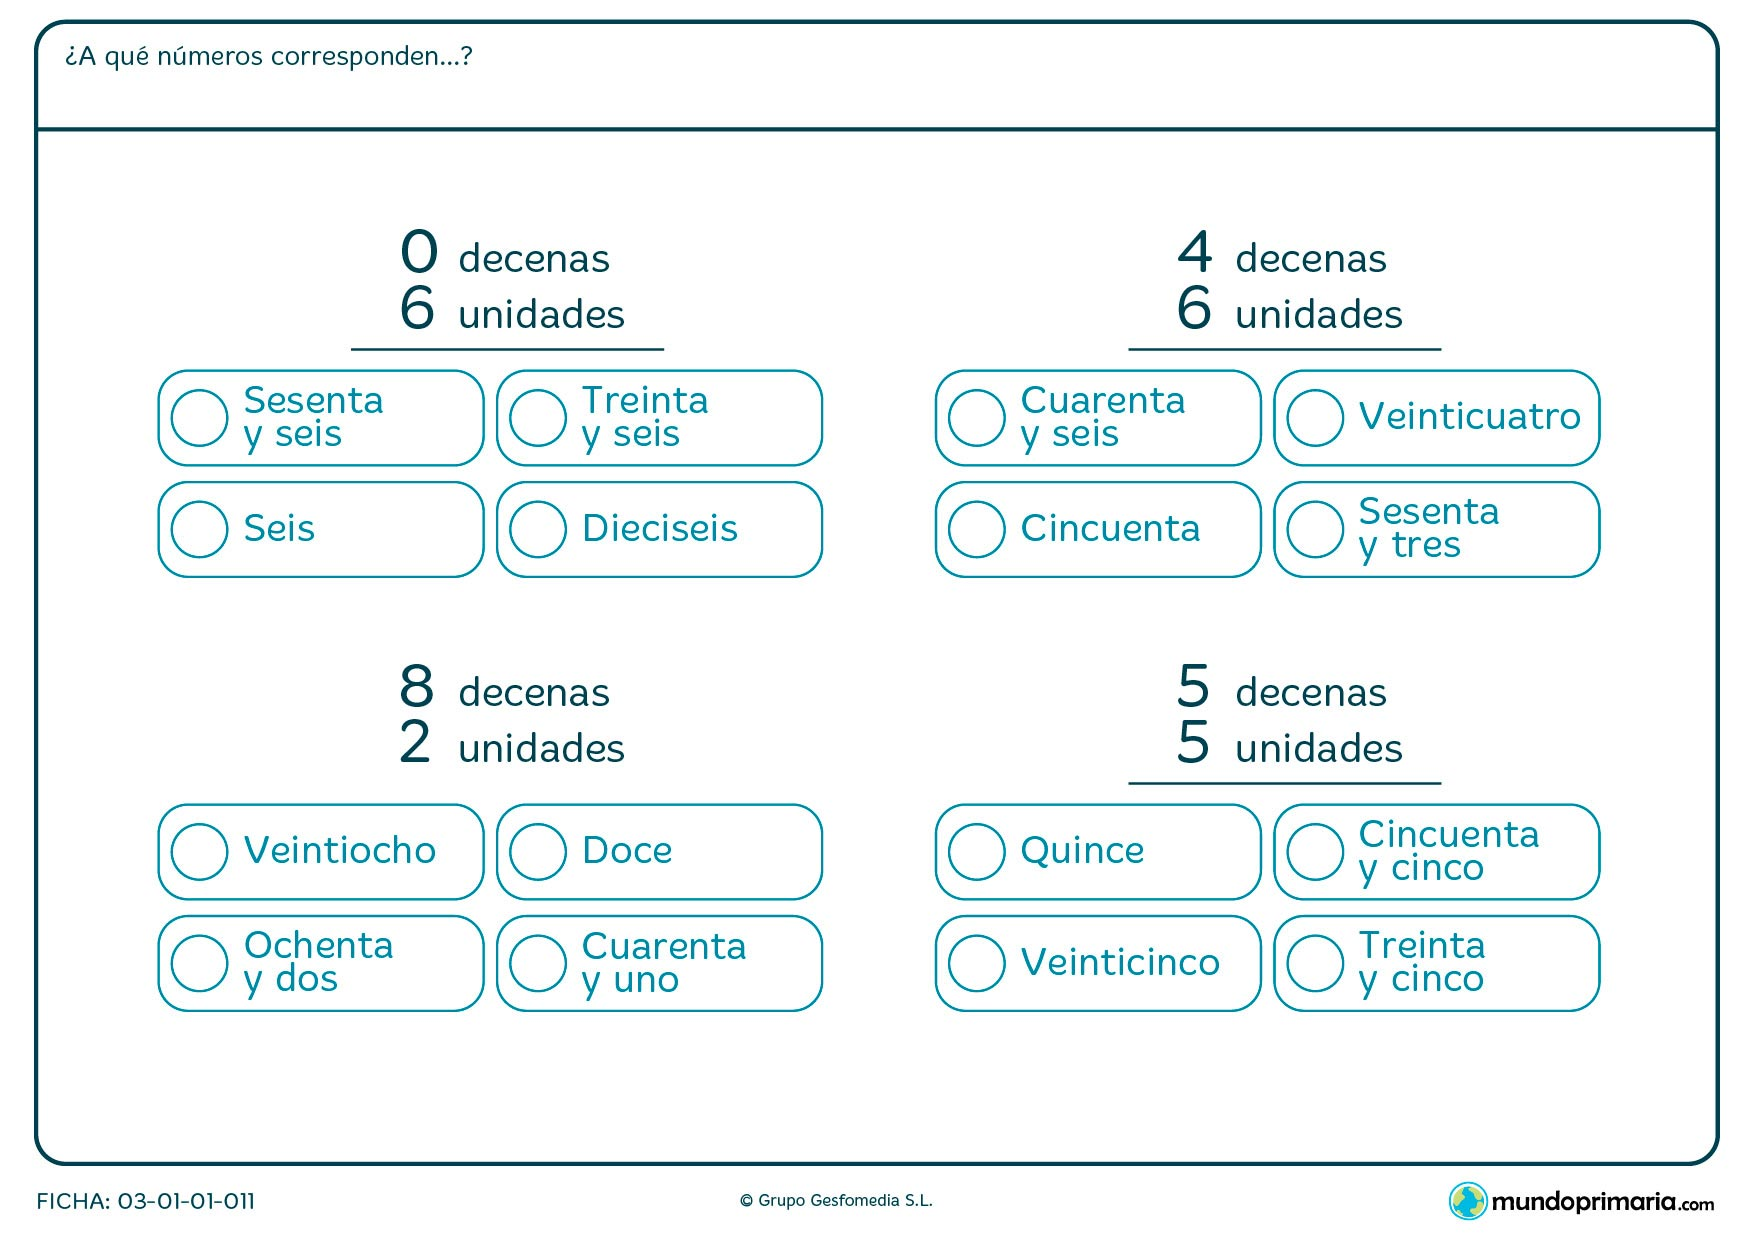 Ficha de a qué número corresponde las decenas en el que hay que marcar una de las opciones en función de las decenas y unidades que te dan.